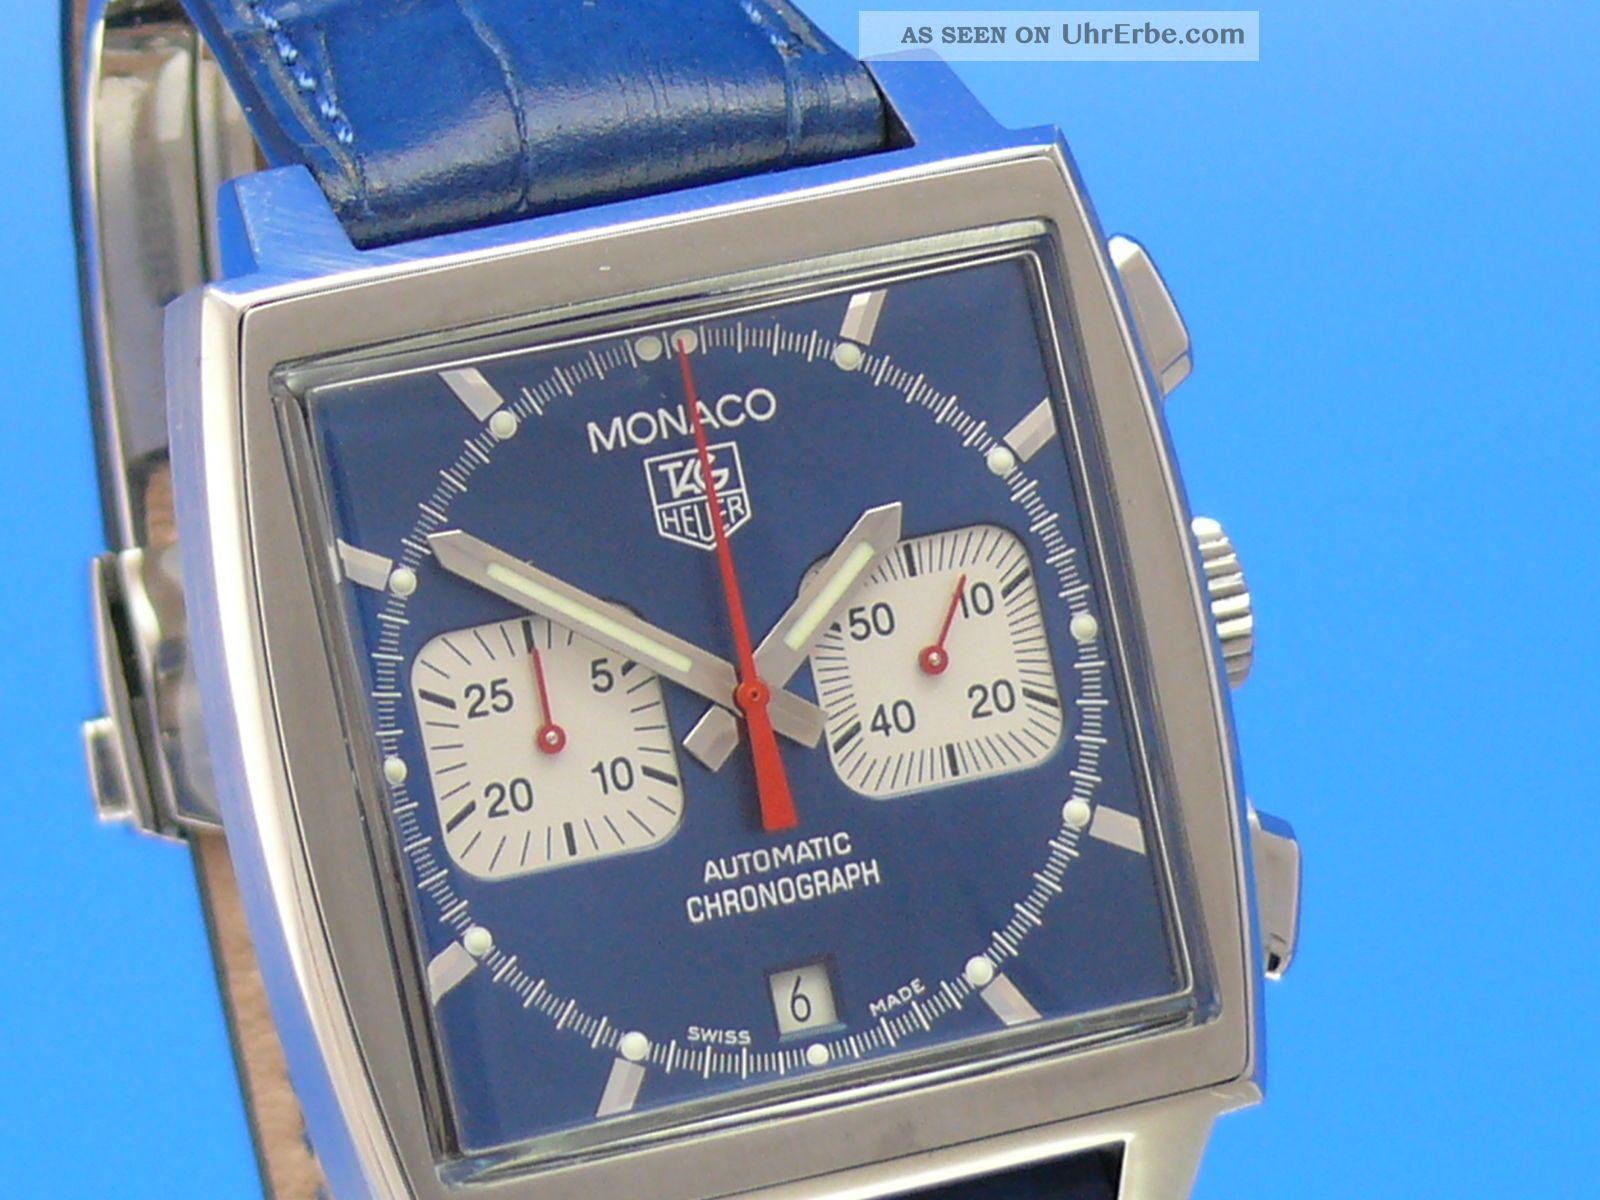 Tag Heuer Monaco Steve Mcqueen Cw2113 - - - Ankauf Von Luxusuhren - - - Armbanduhren Bild